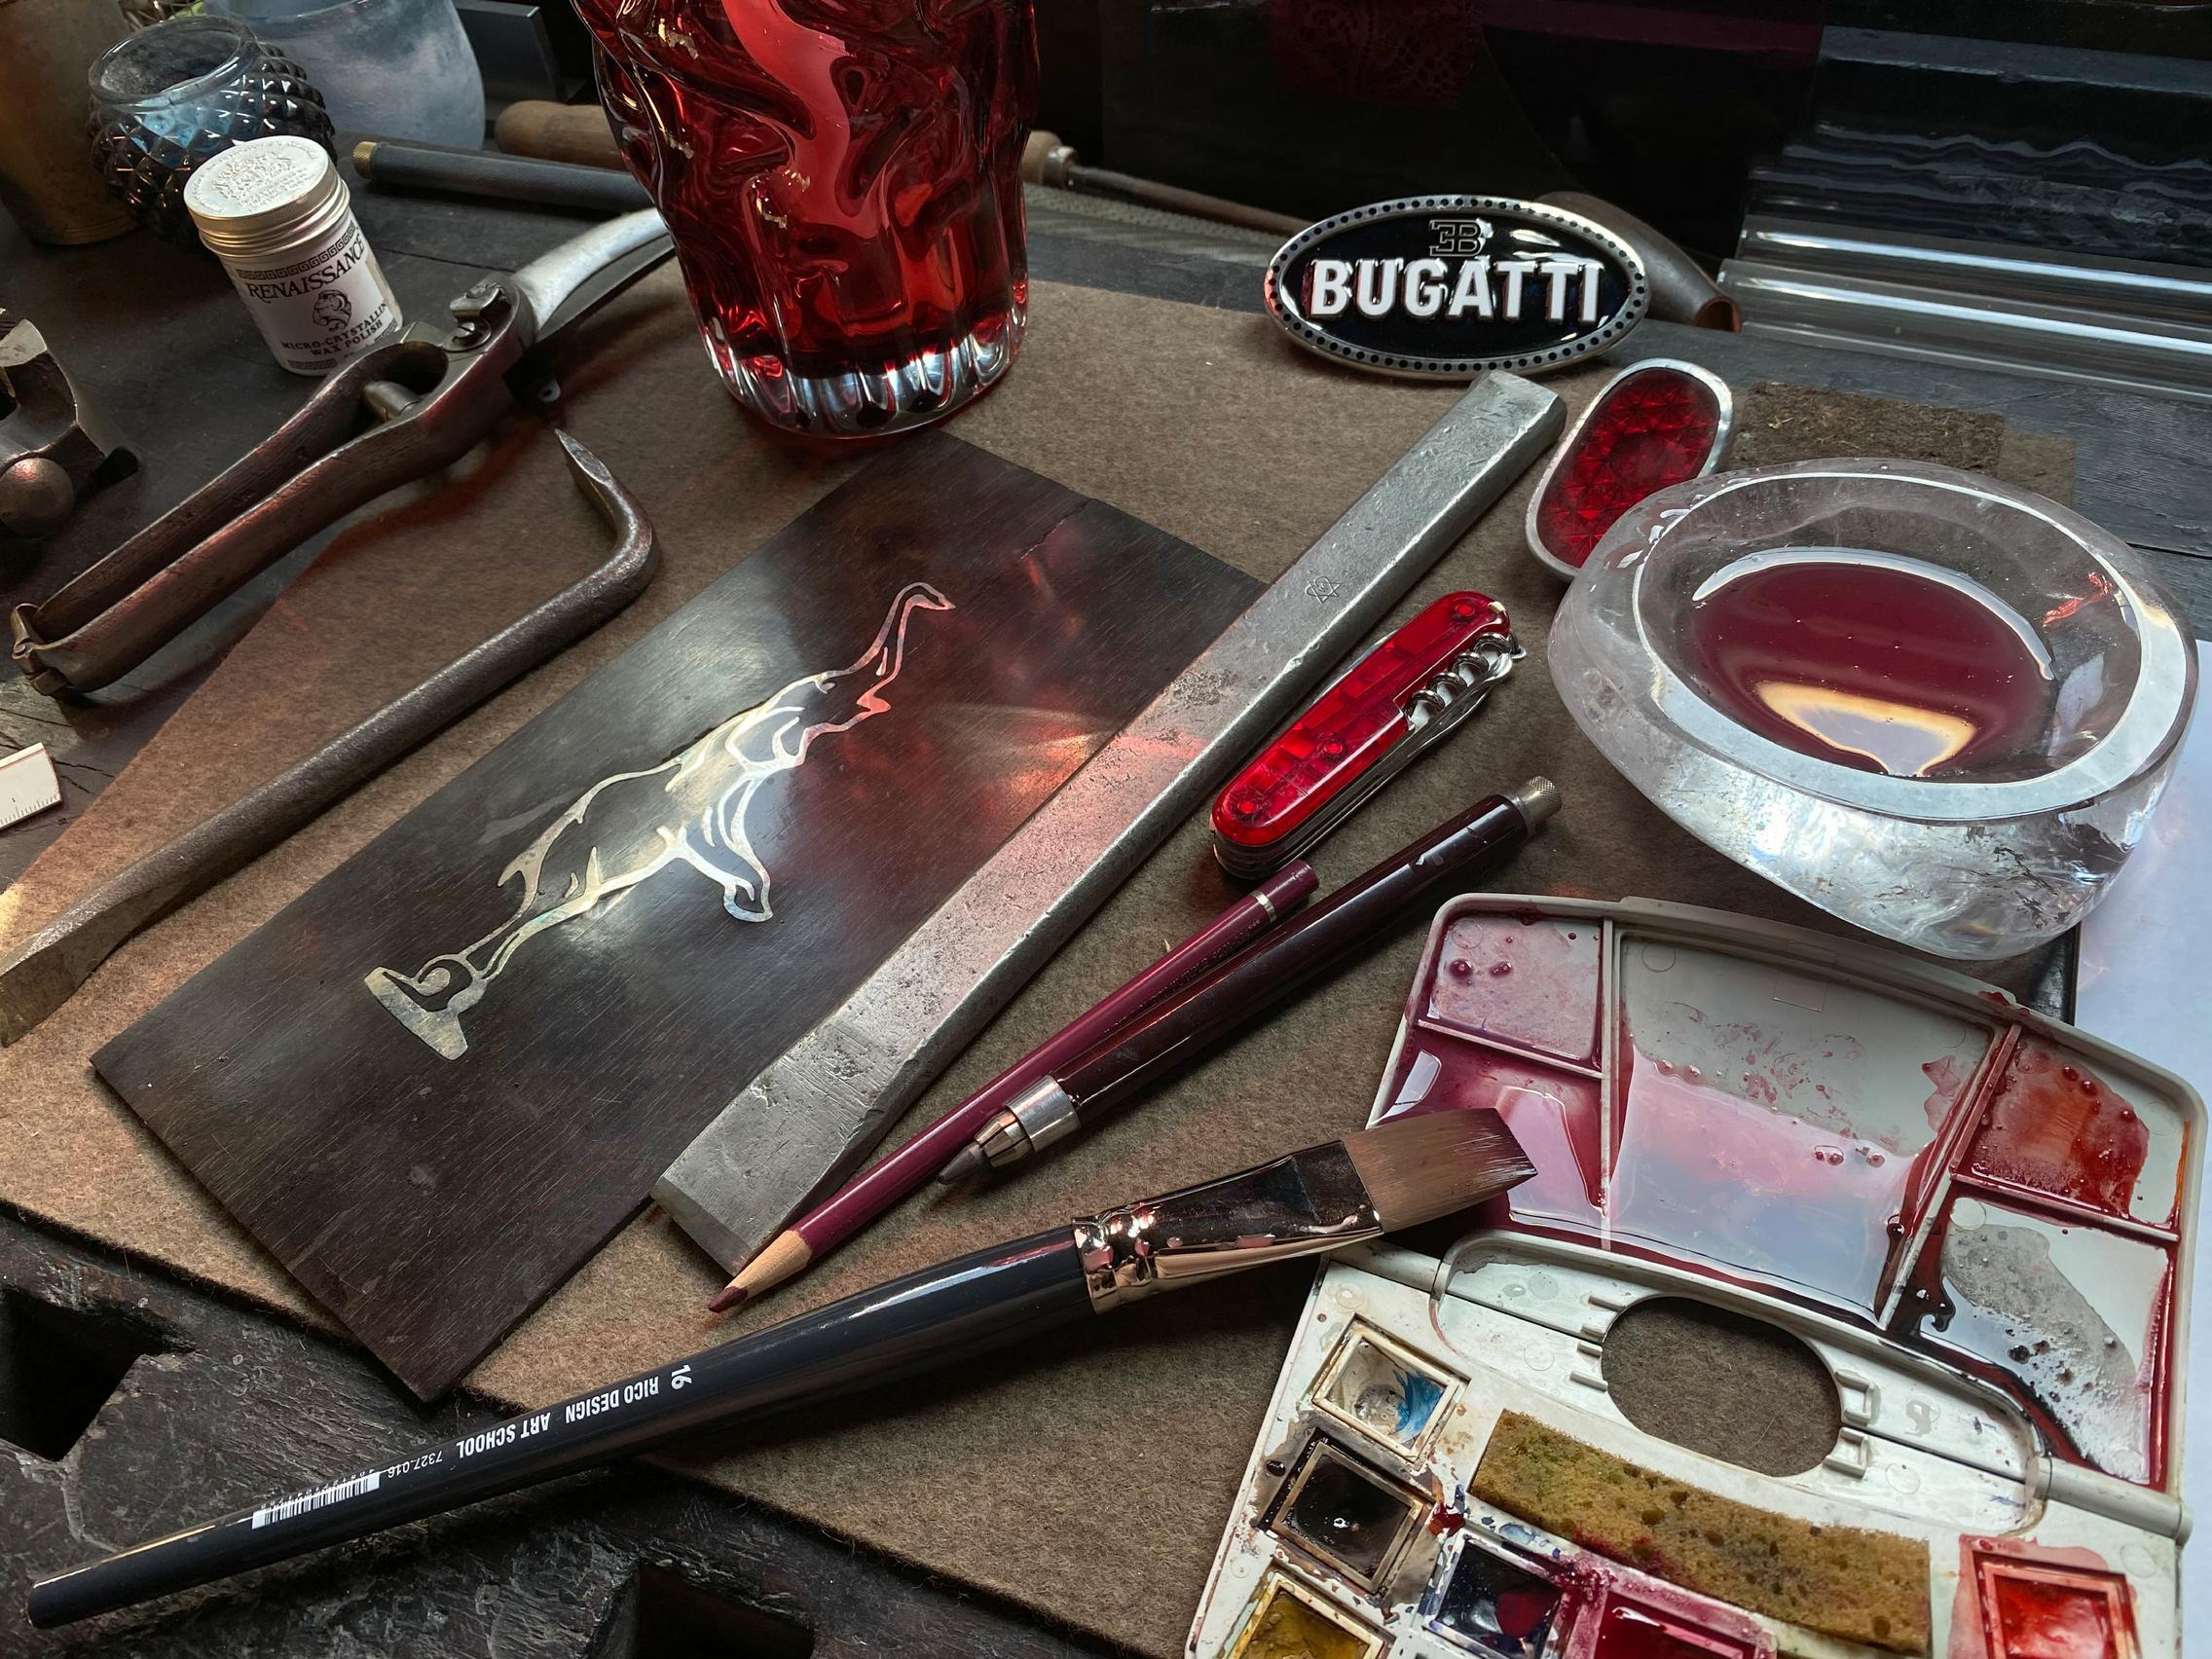 Bugatti paints